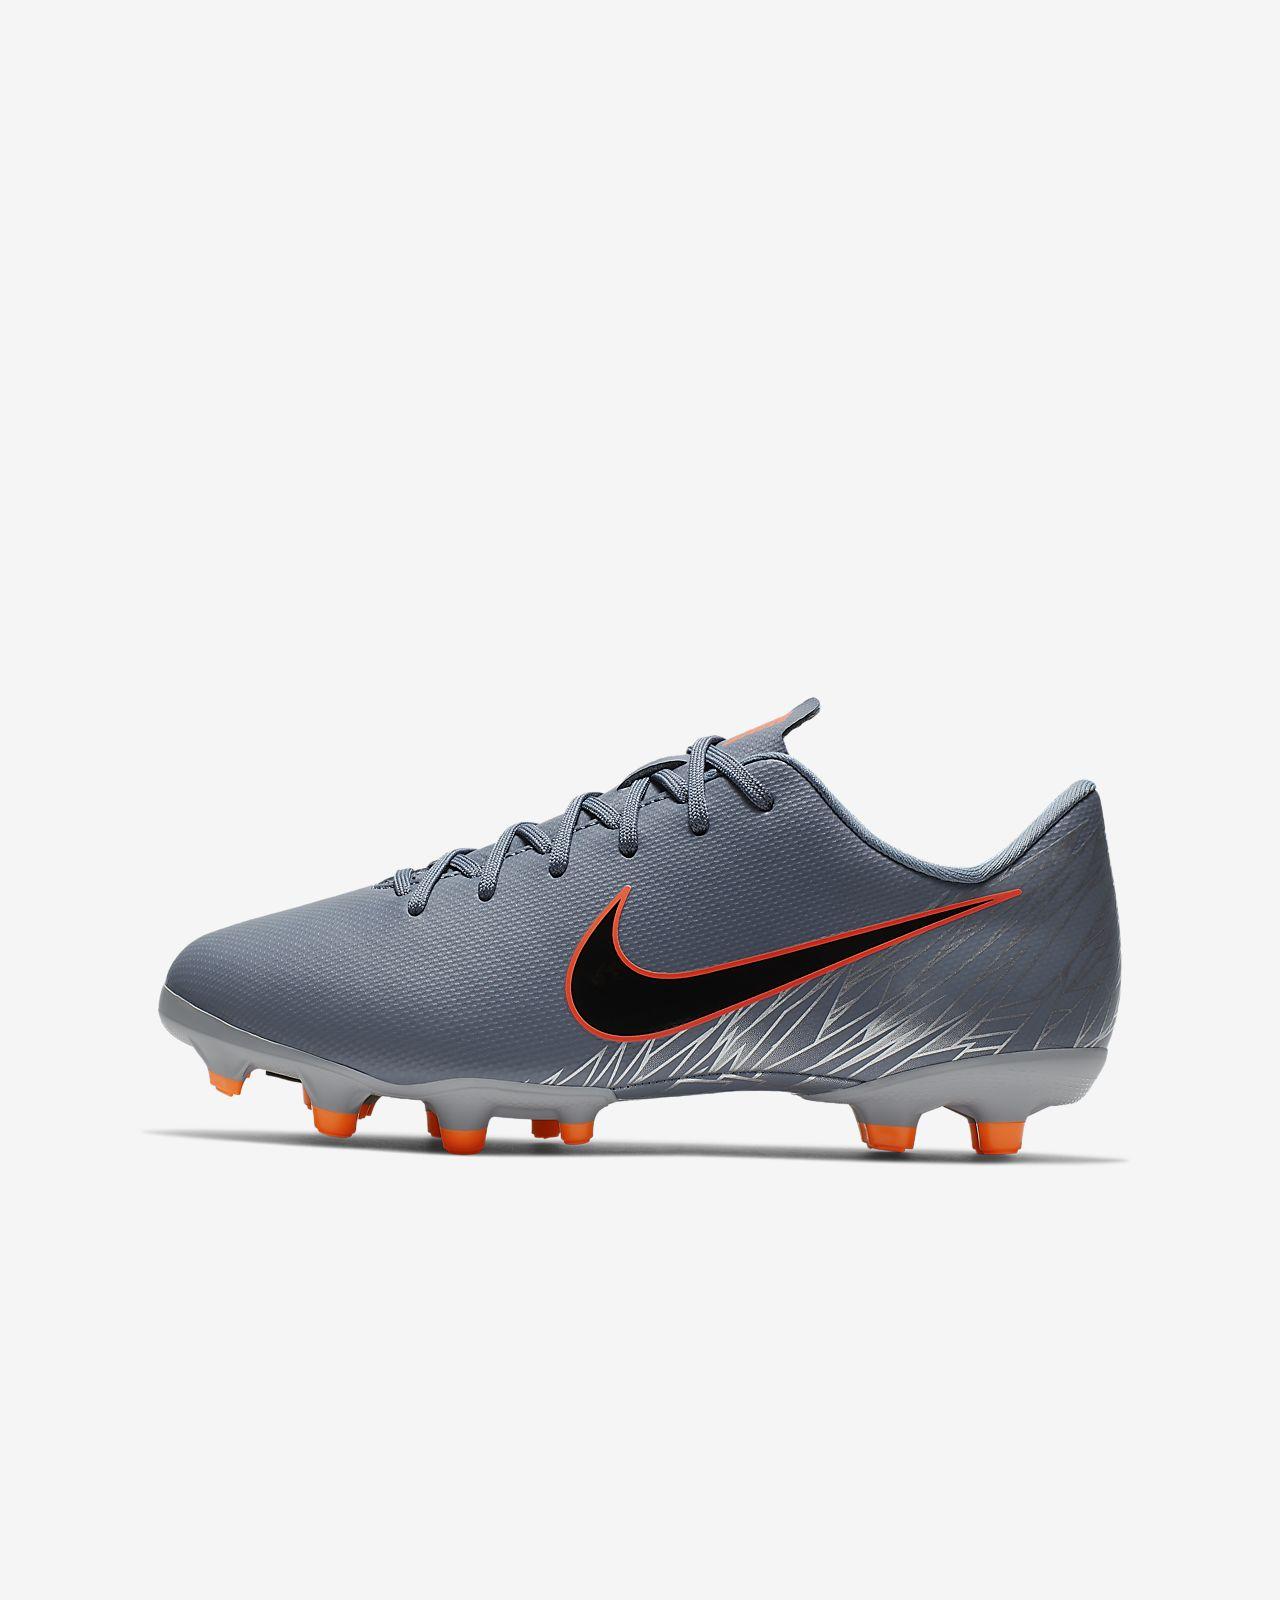 new concept 7fe0d c878e ... Chaussure de football multi-terrains à crampons Nike Jr. Mercurial Vapor  XII Academy pour